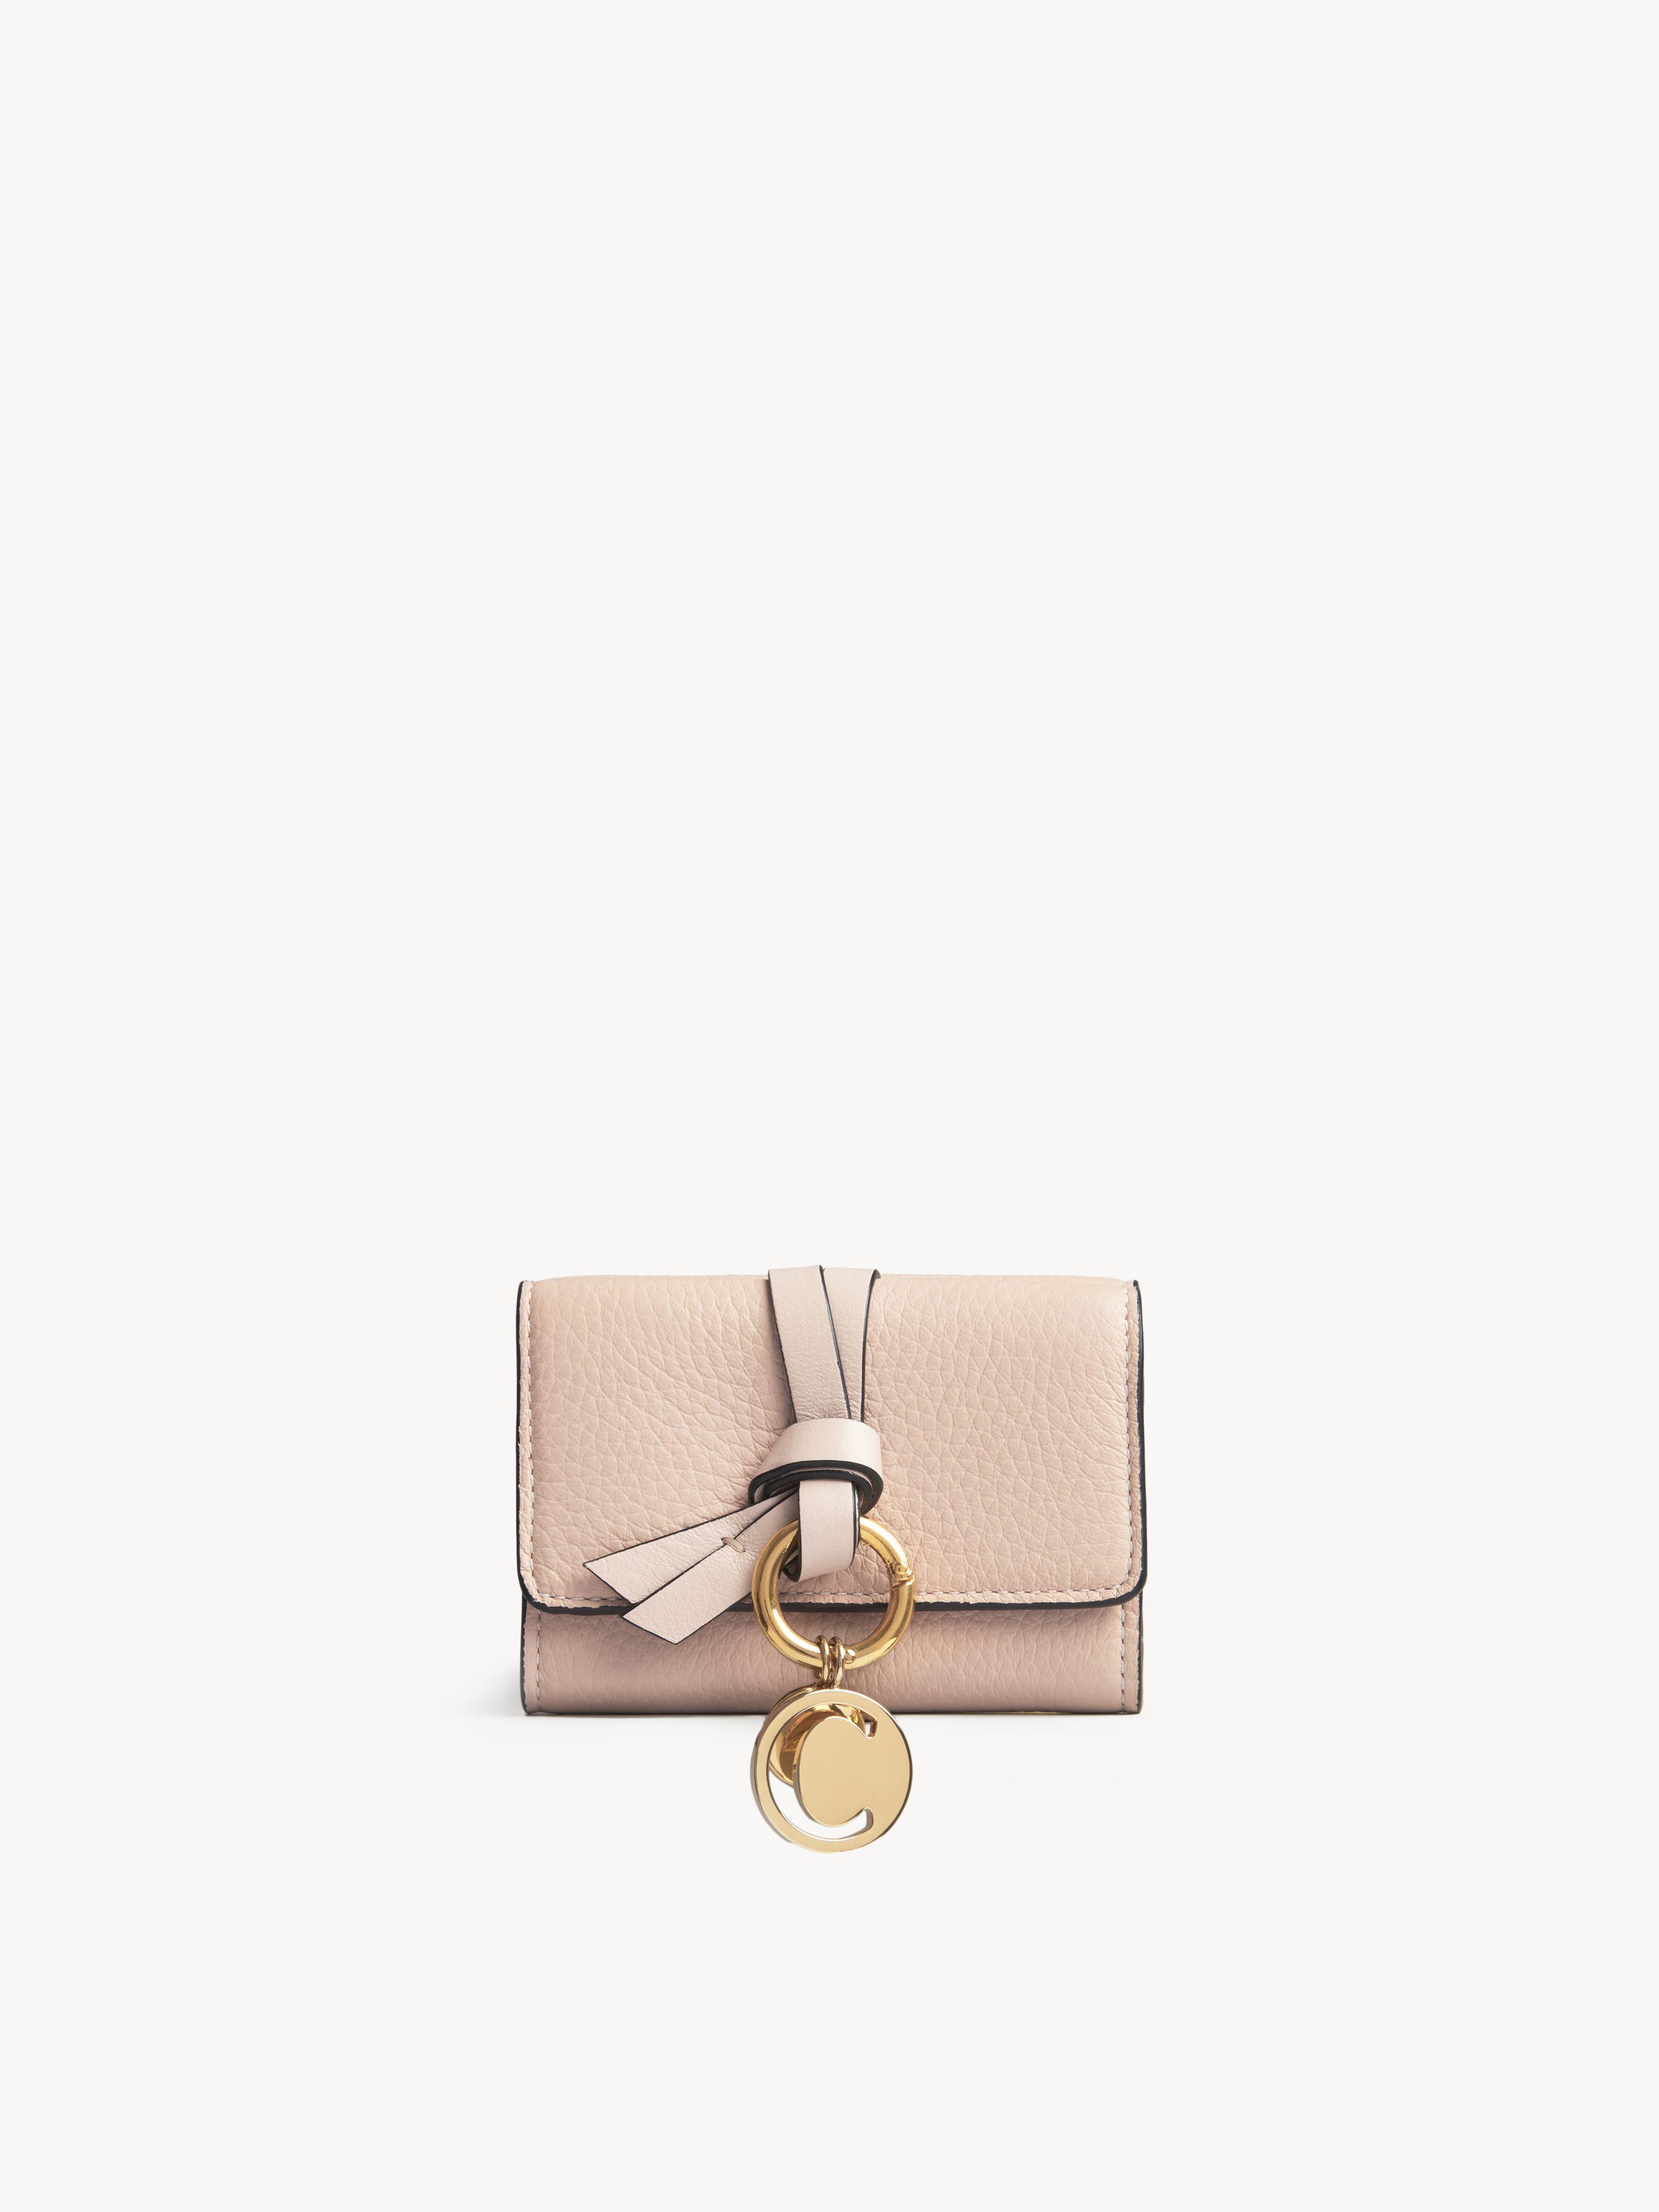 クロエの人気ミニ財布